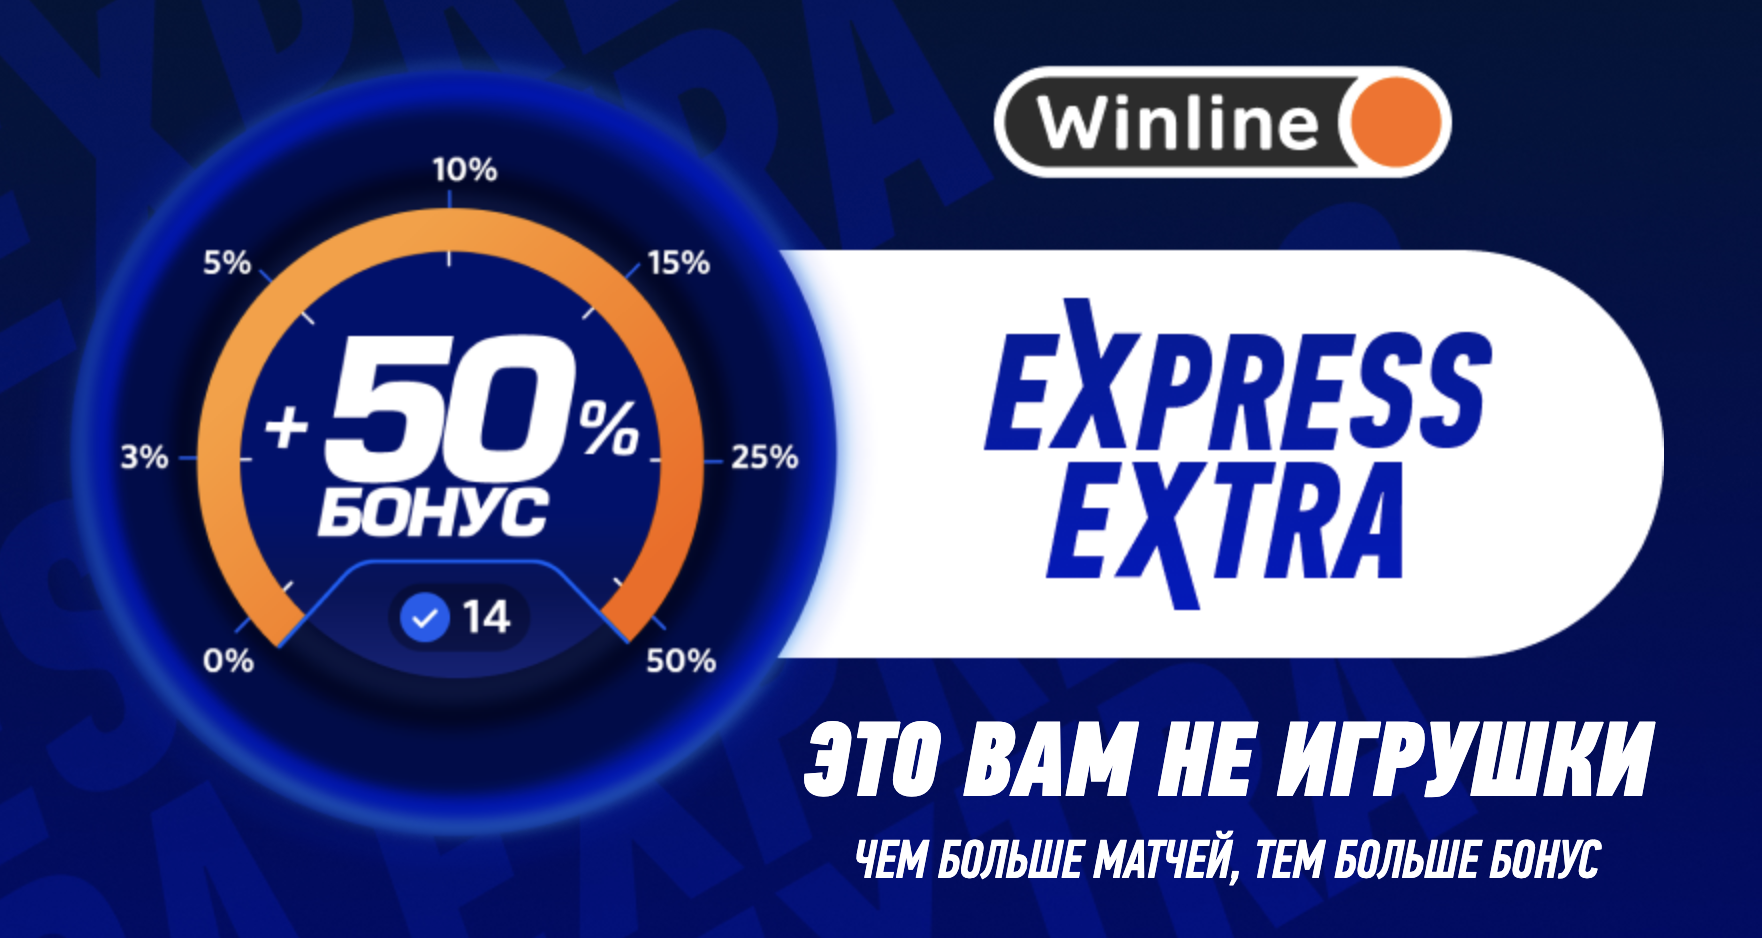 Winline Экспресс Экстра